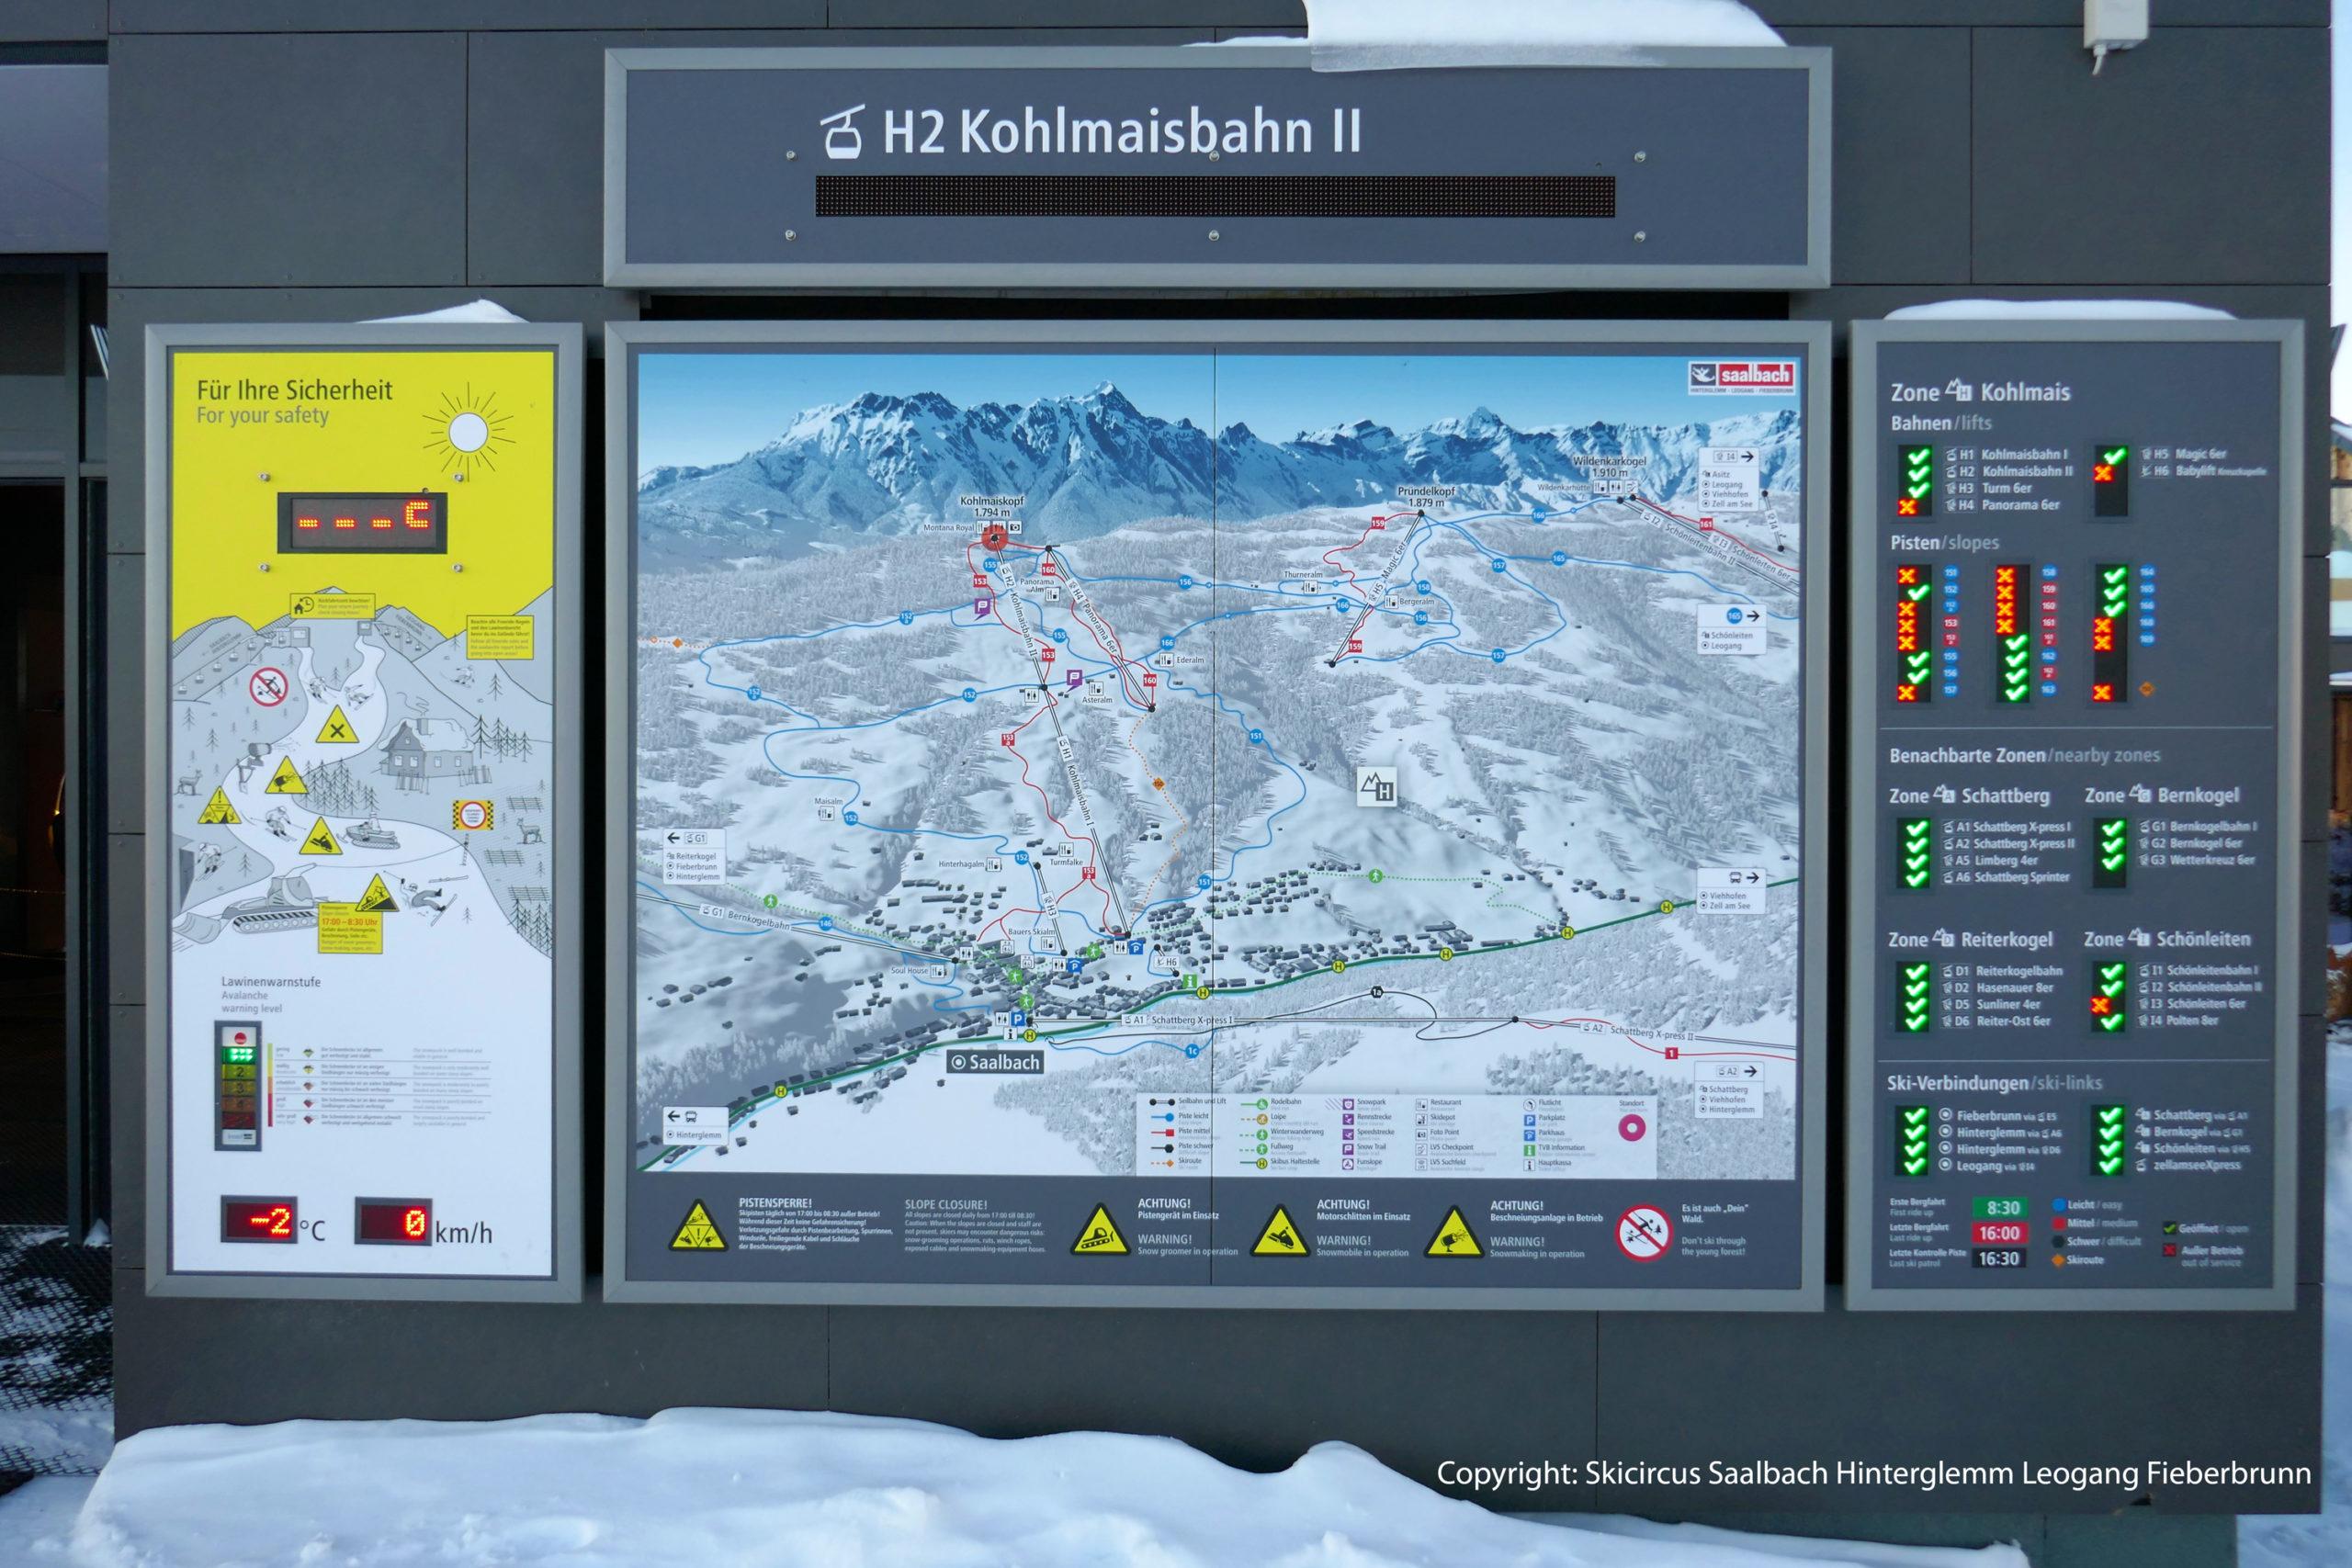 Pistenleitsystem Saalbach Hinterglemm Leogang Fieberbrunn Zone H Kohlmais